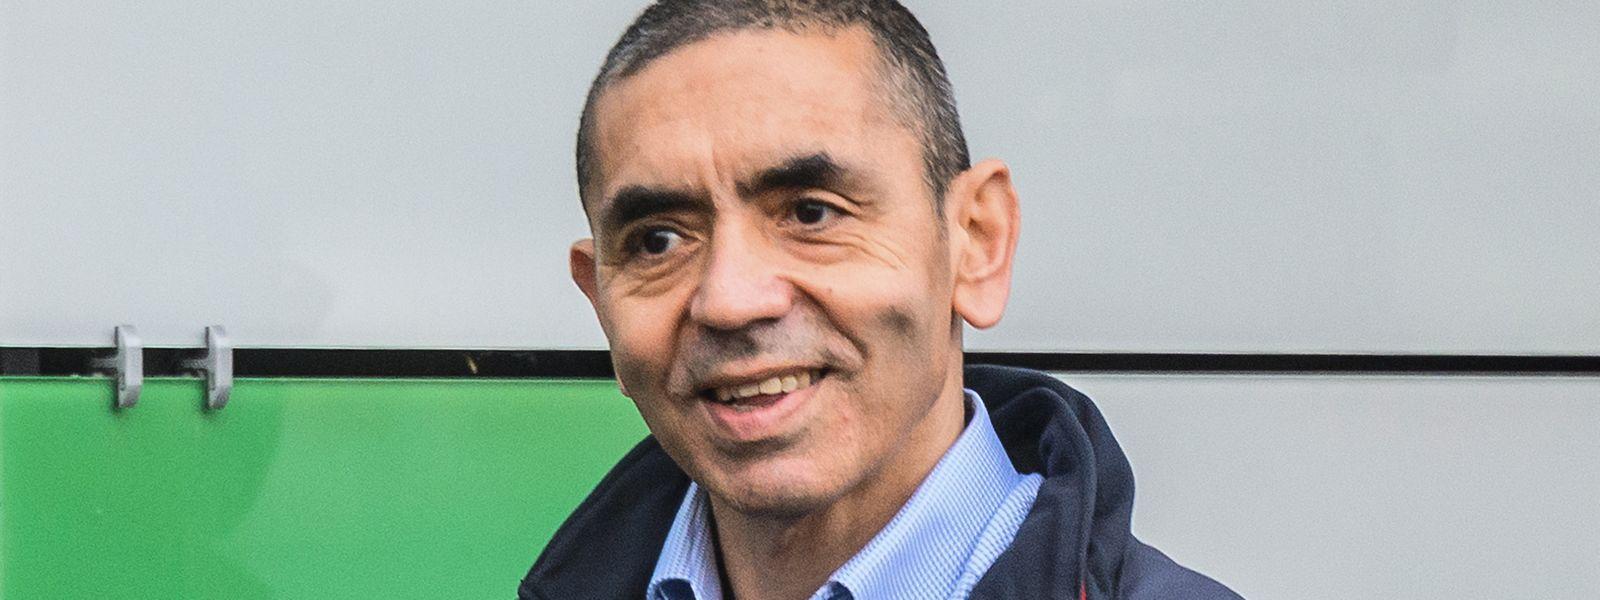 Ugur Sahin, Mitgründer und Vorstandsvorsitzender des Unternehmens Biontech.